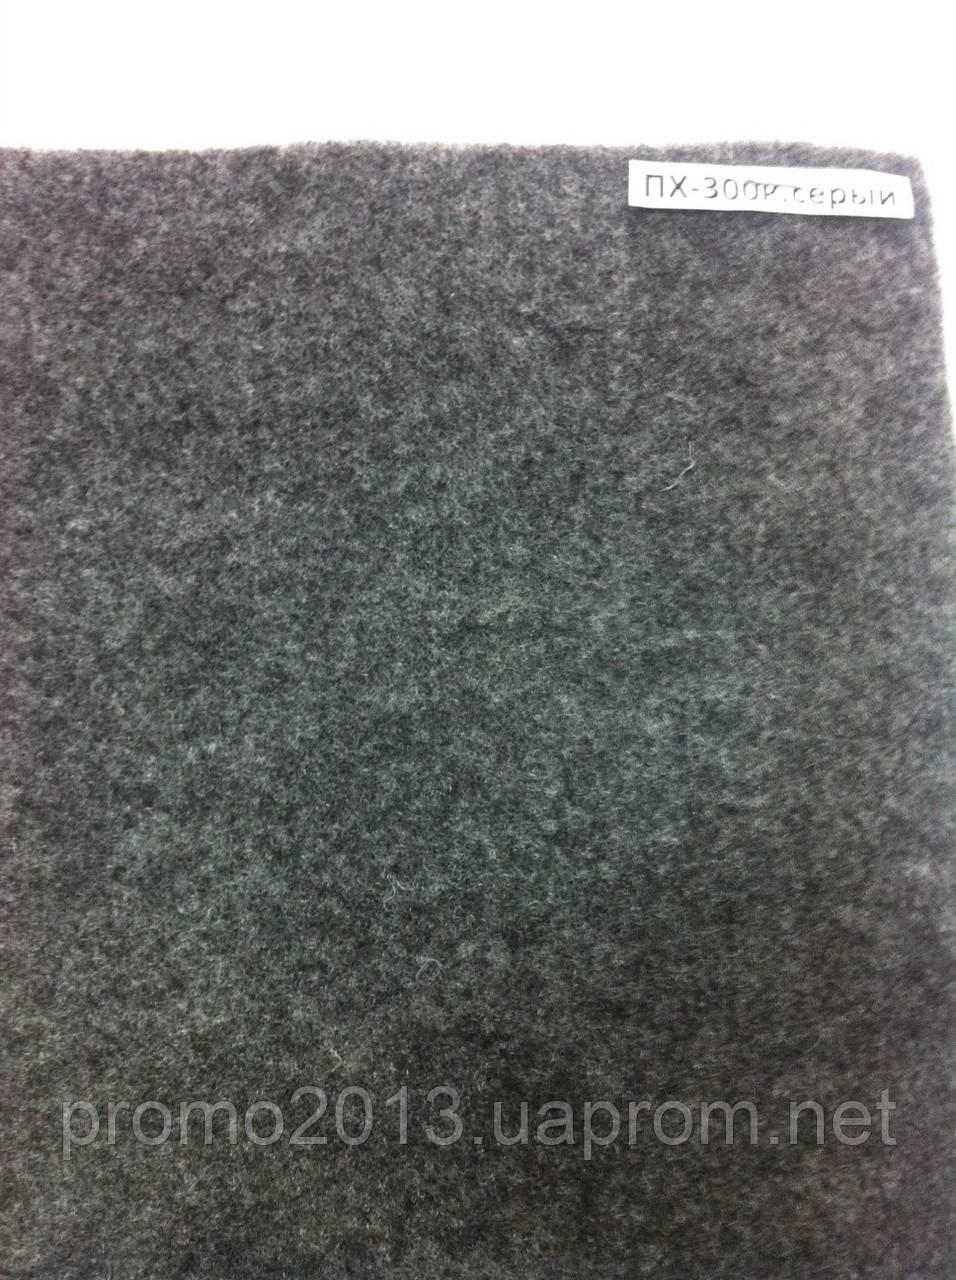 """Автокарпет (ковролин) ш. 140 см ,300-600 гр/м2 чёрный ,серый, графит - """"Promo2013"""" в Северодонецке"""